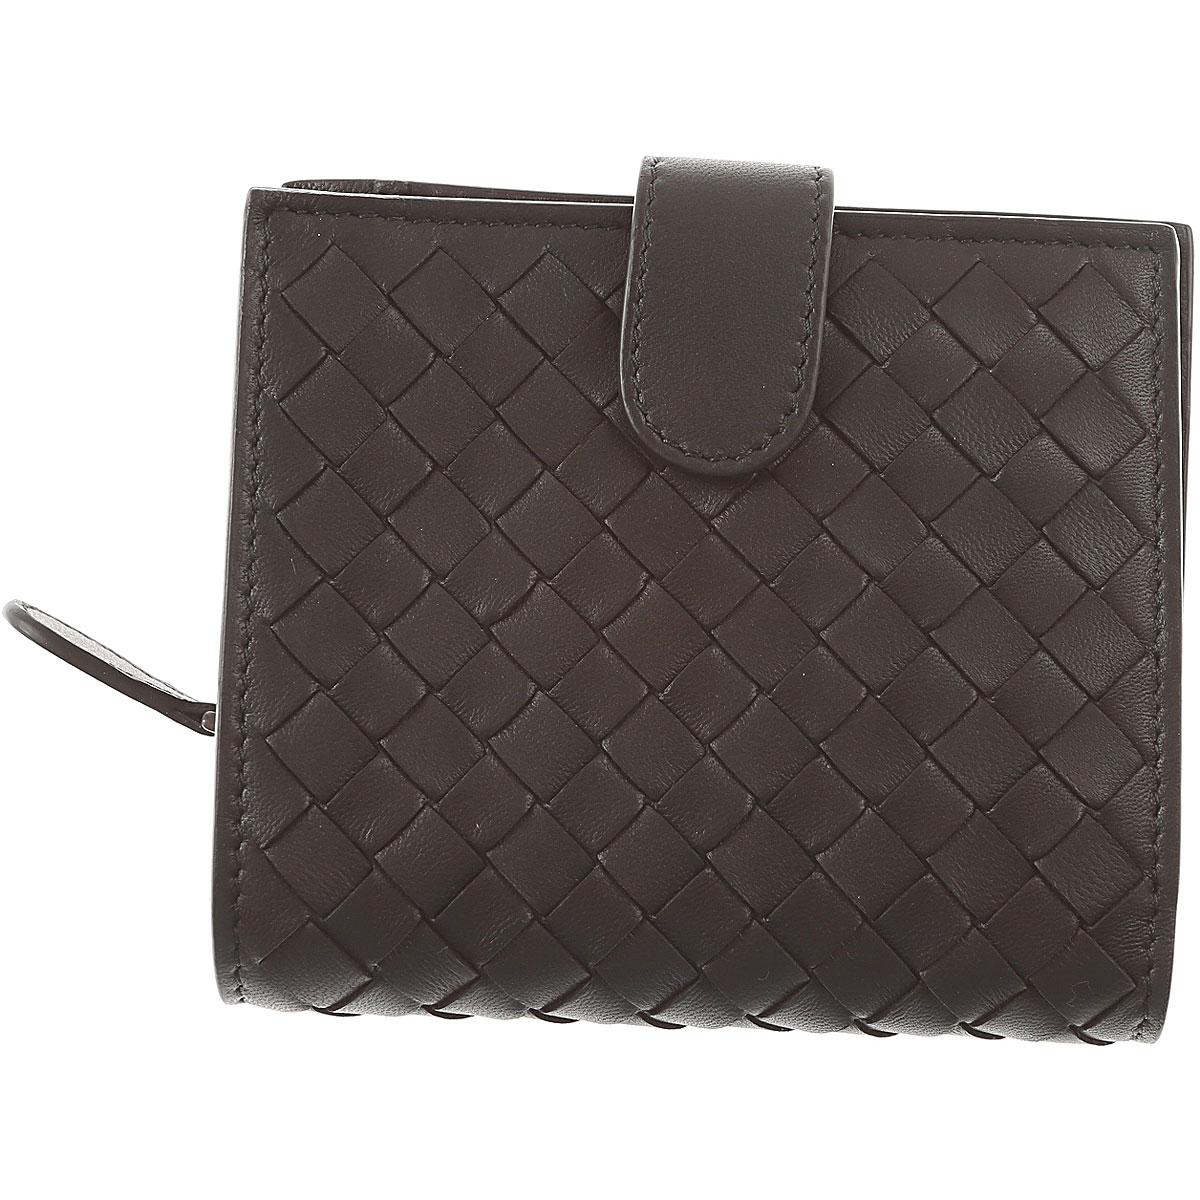 Bottega Veneta Wallet for Women, Black, Leather, 2019